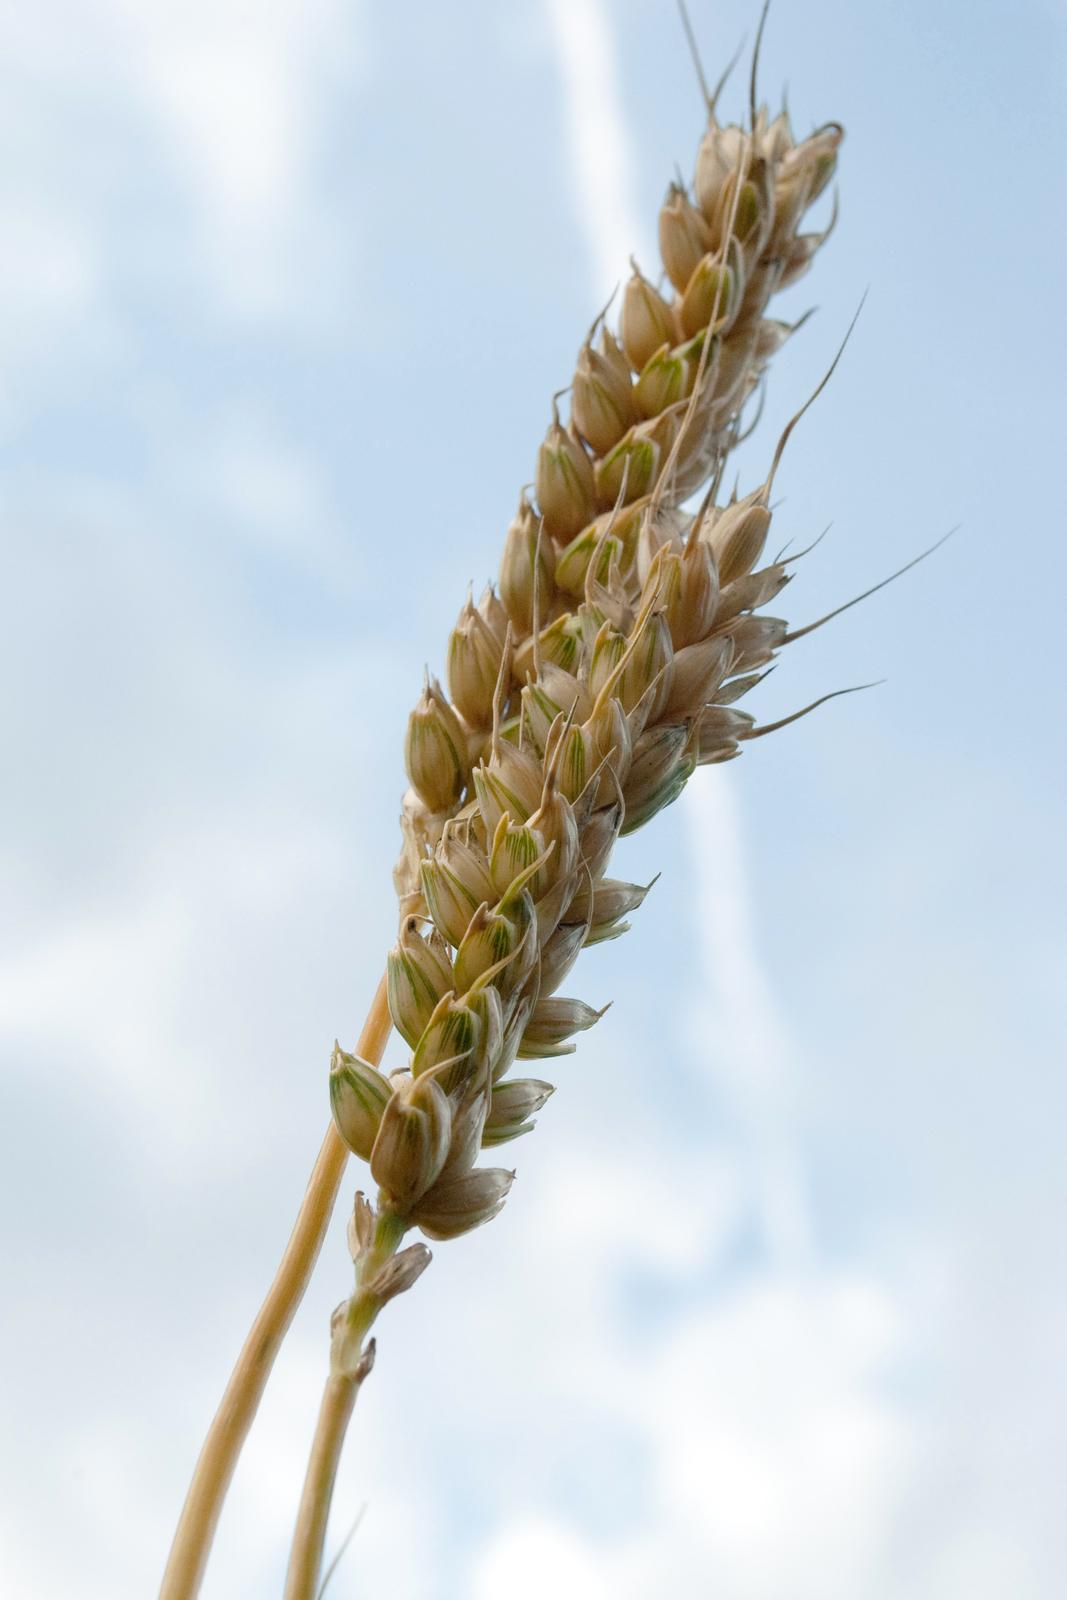 Fotografia przedstawiająca kłos pszenicy. Widać długo kłos zgrubymi, luźno rozmieszczonymi ziarnami.